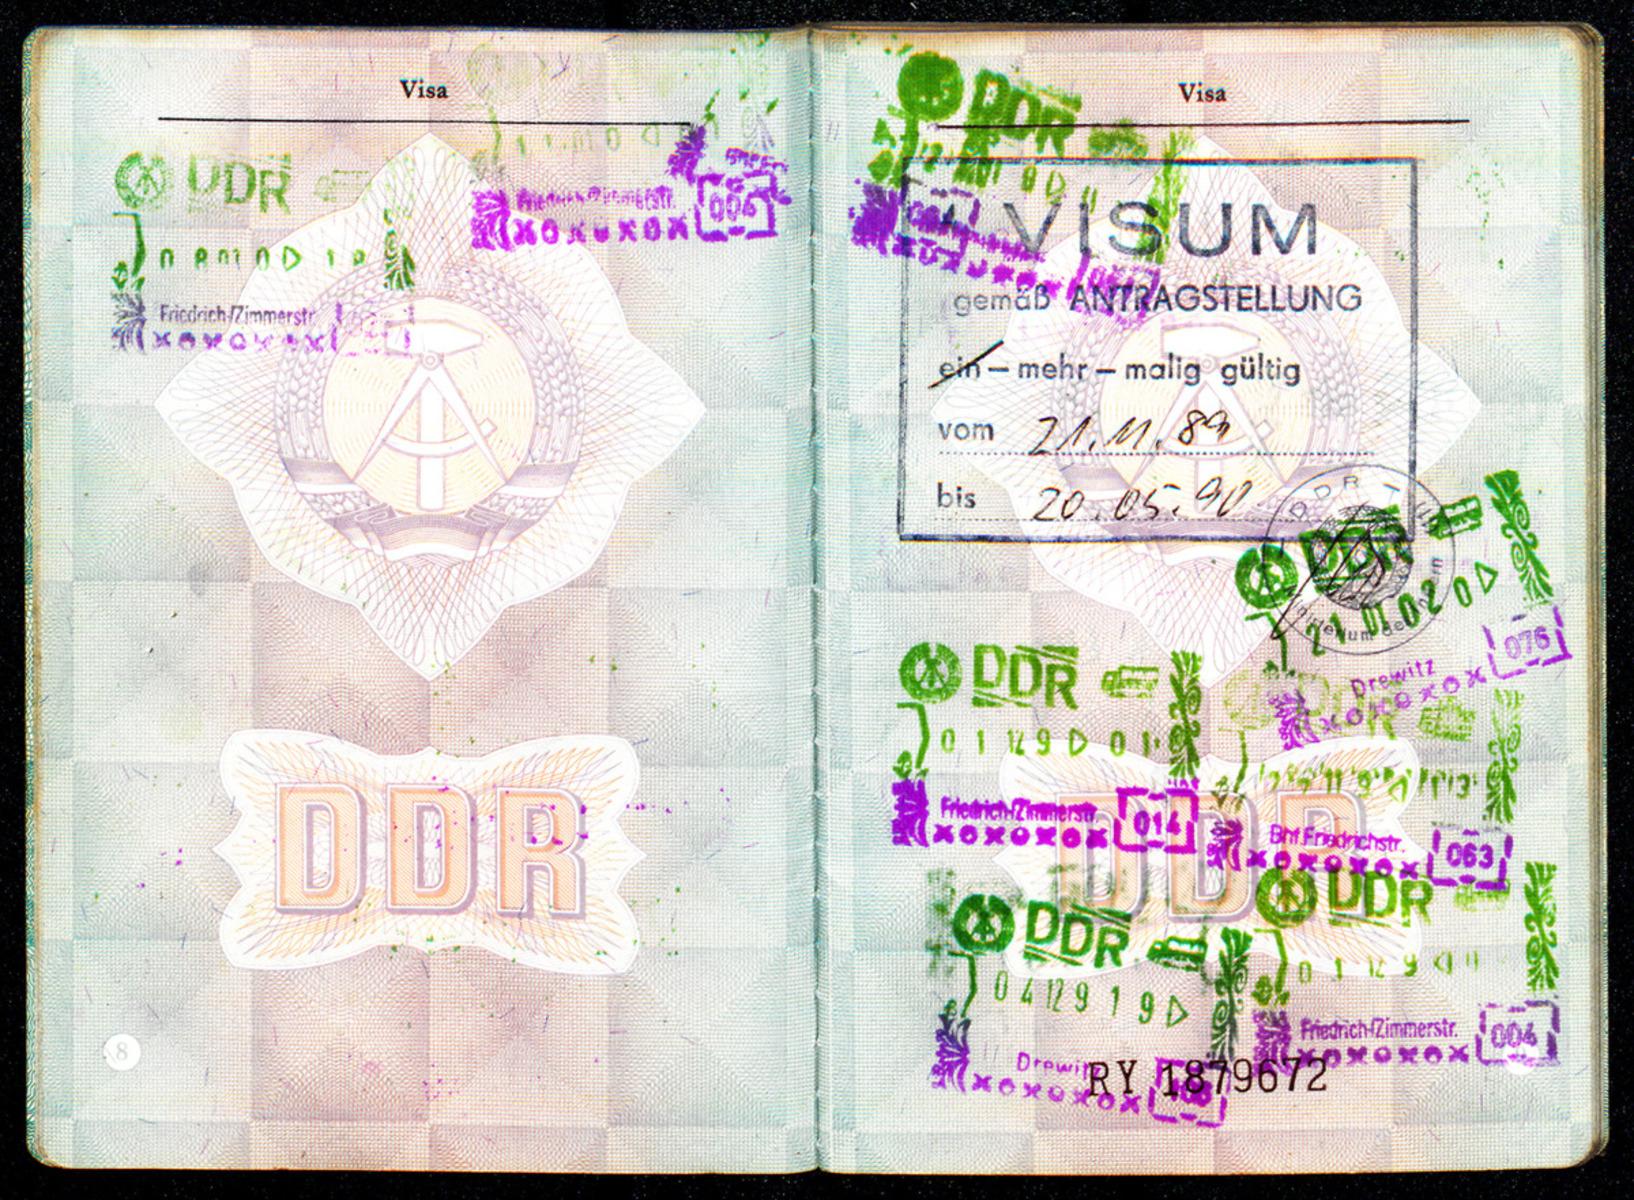 cd01-010-g99-m101_0003.jpg